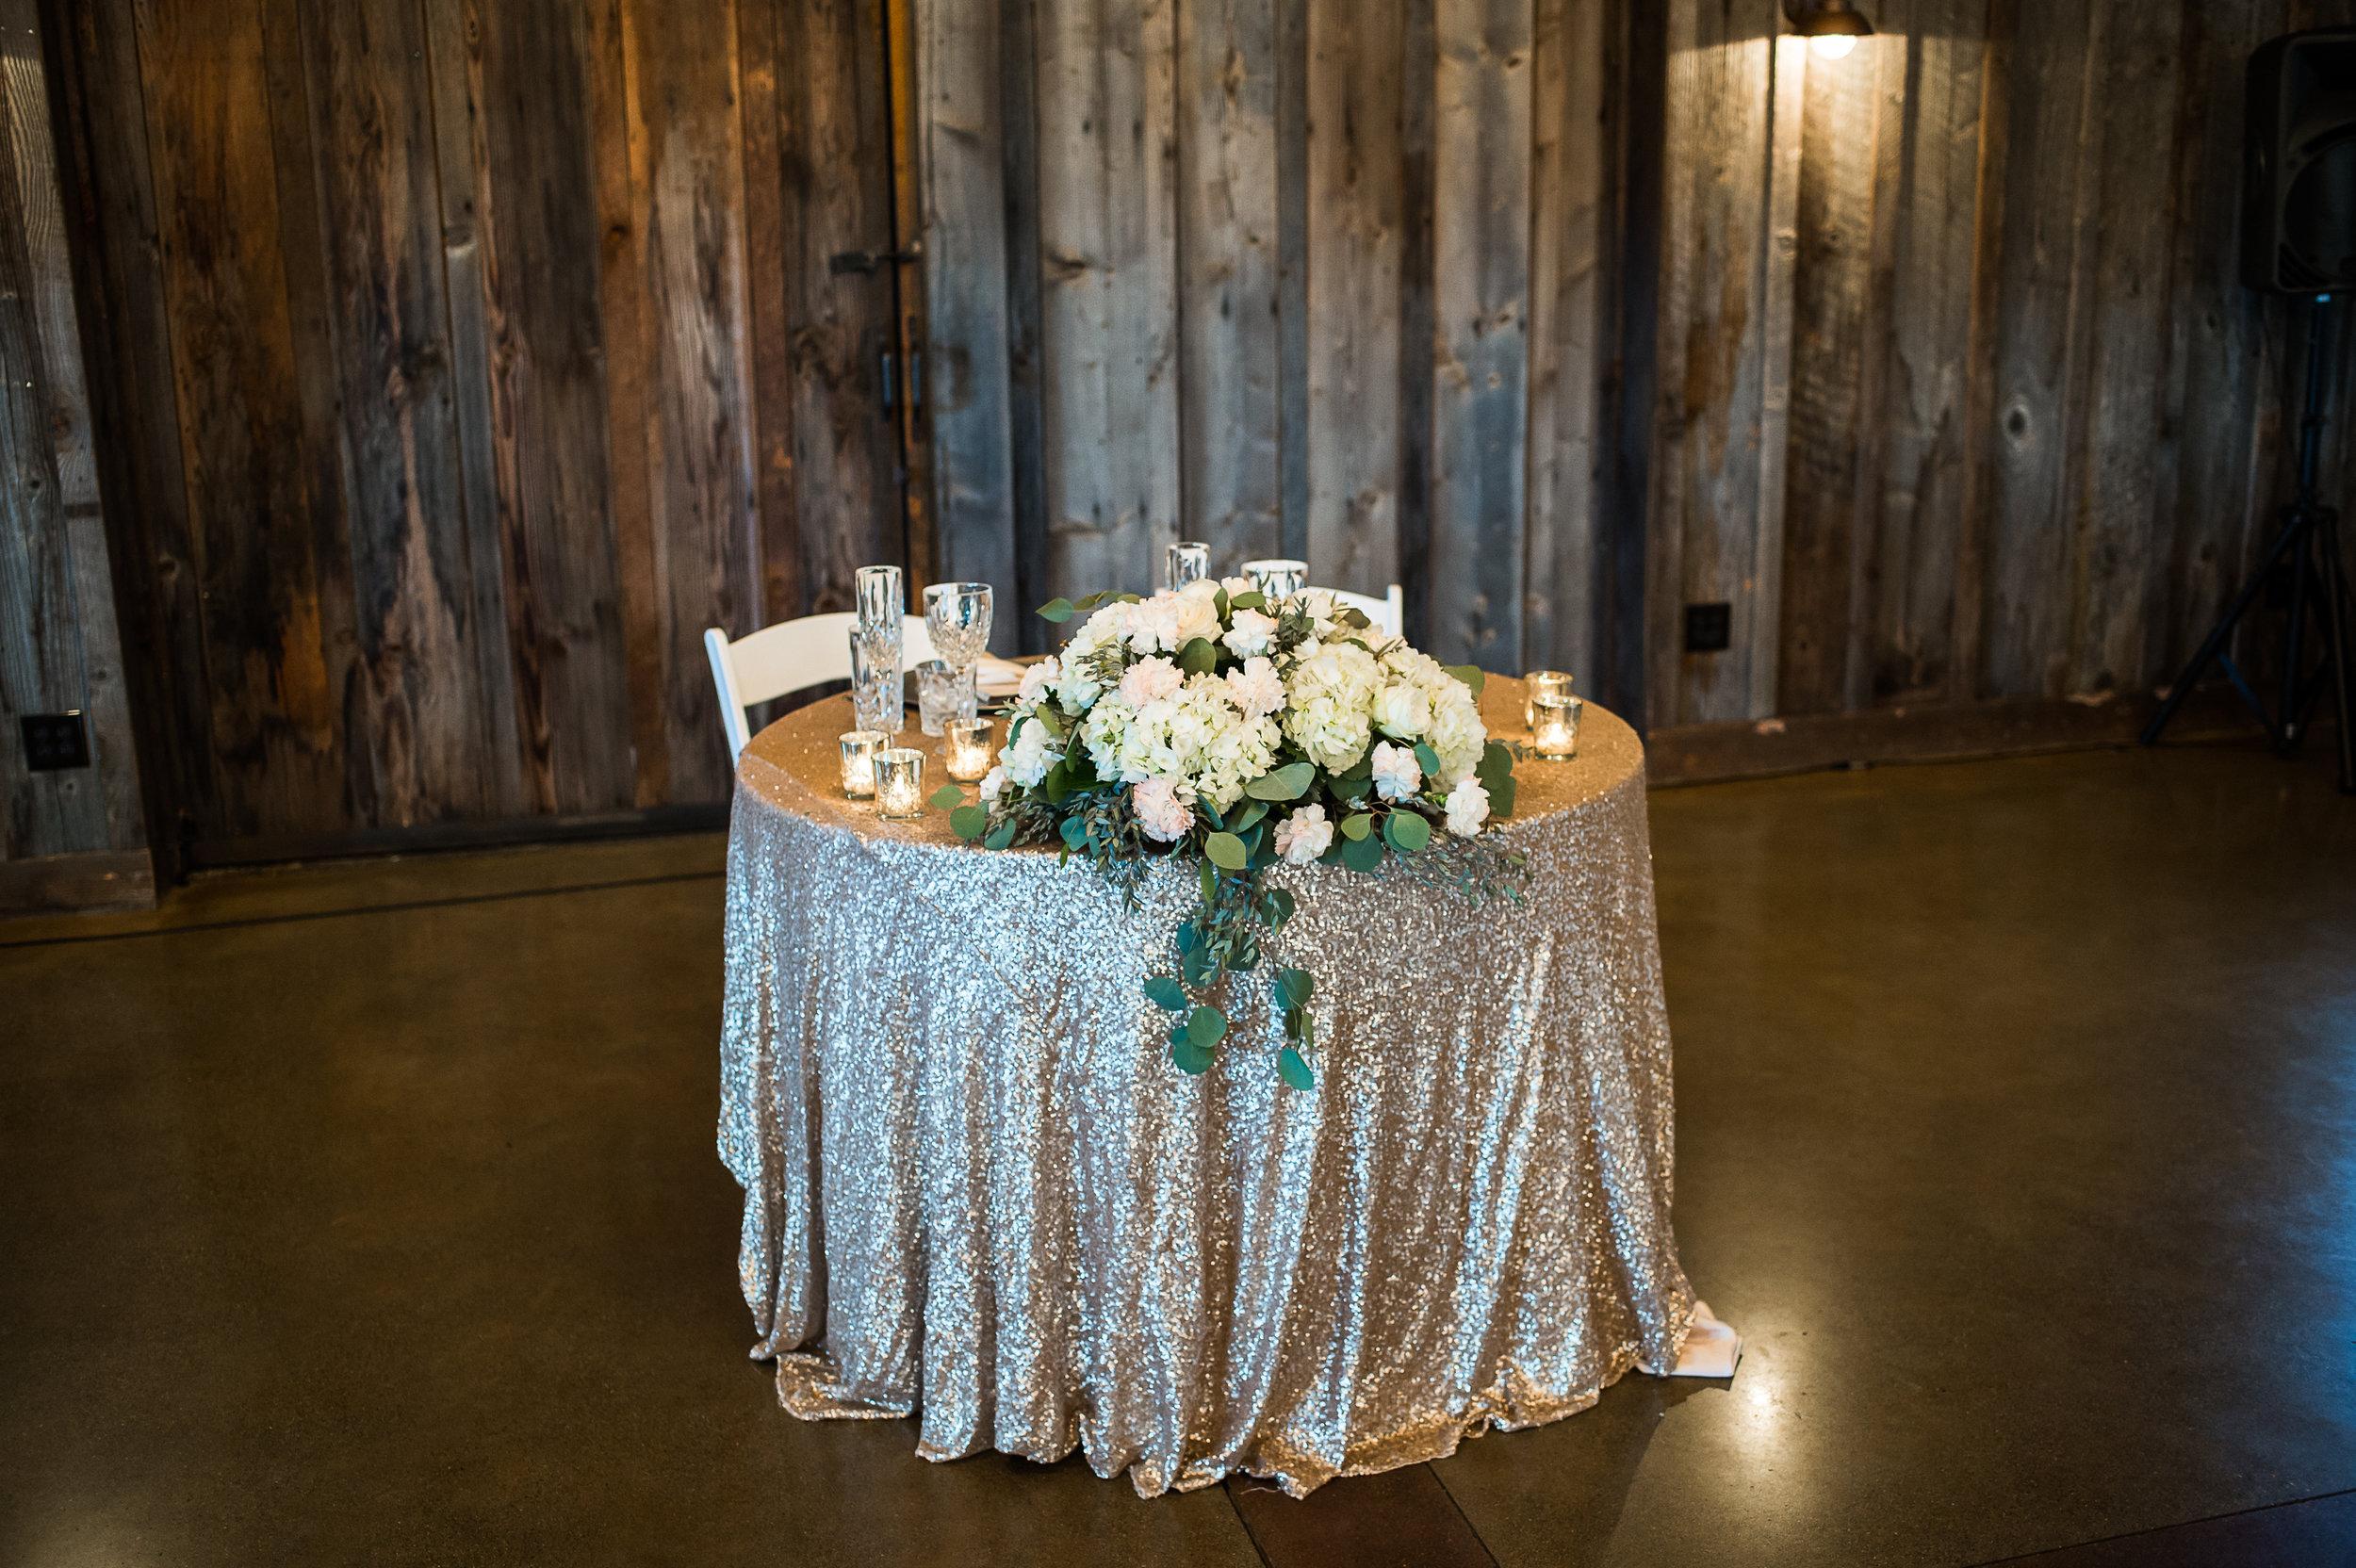 HA-wedding-Van-Wyhe-Photography-497.jpg